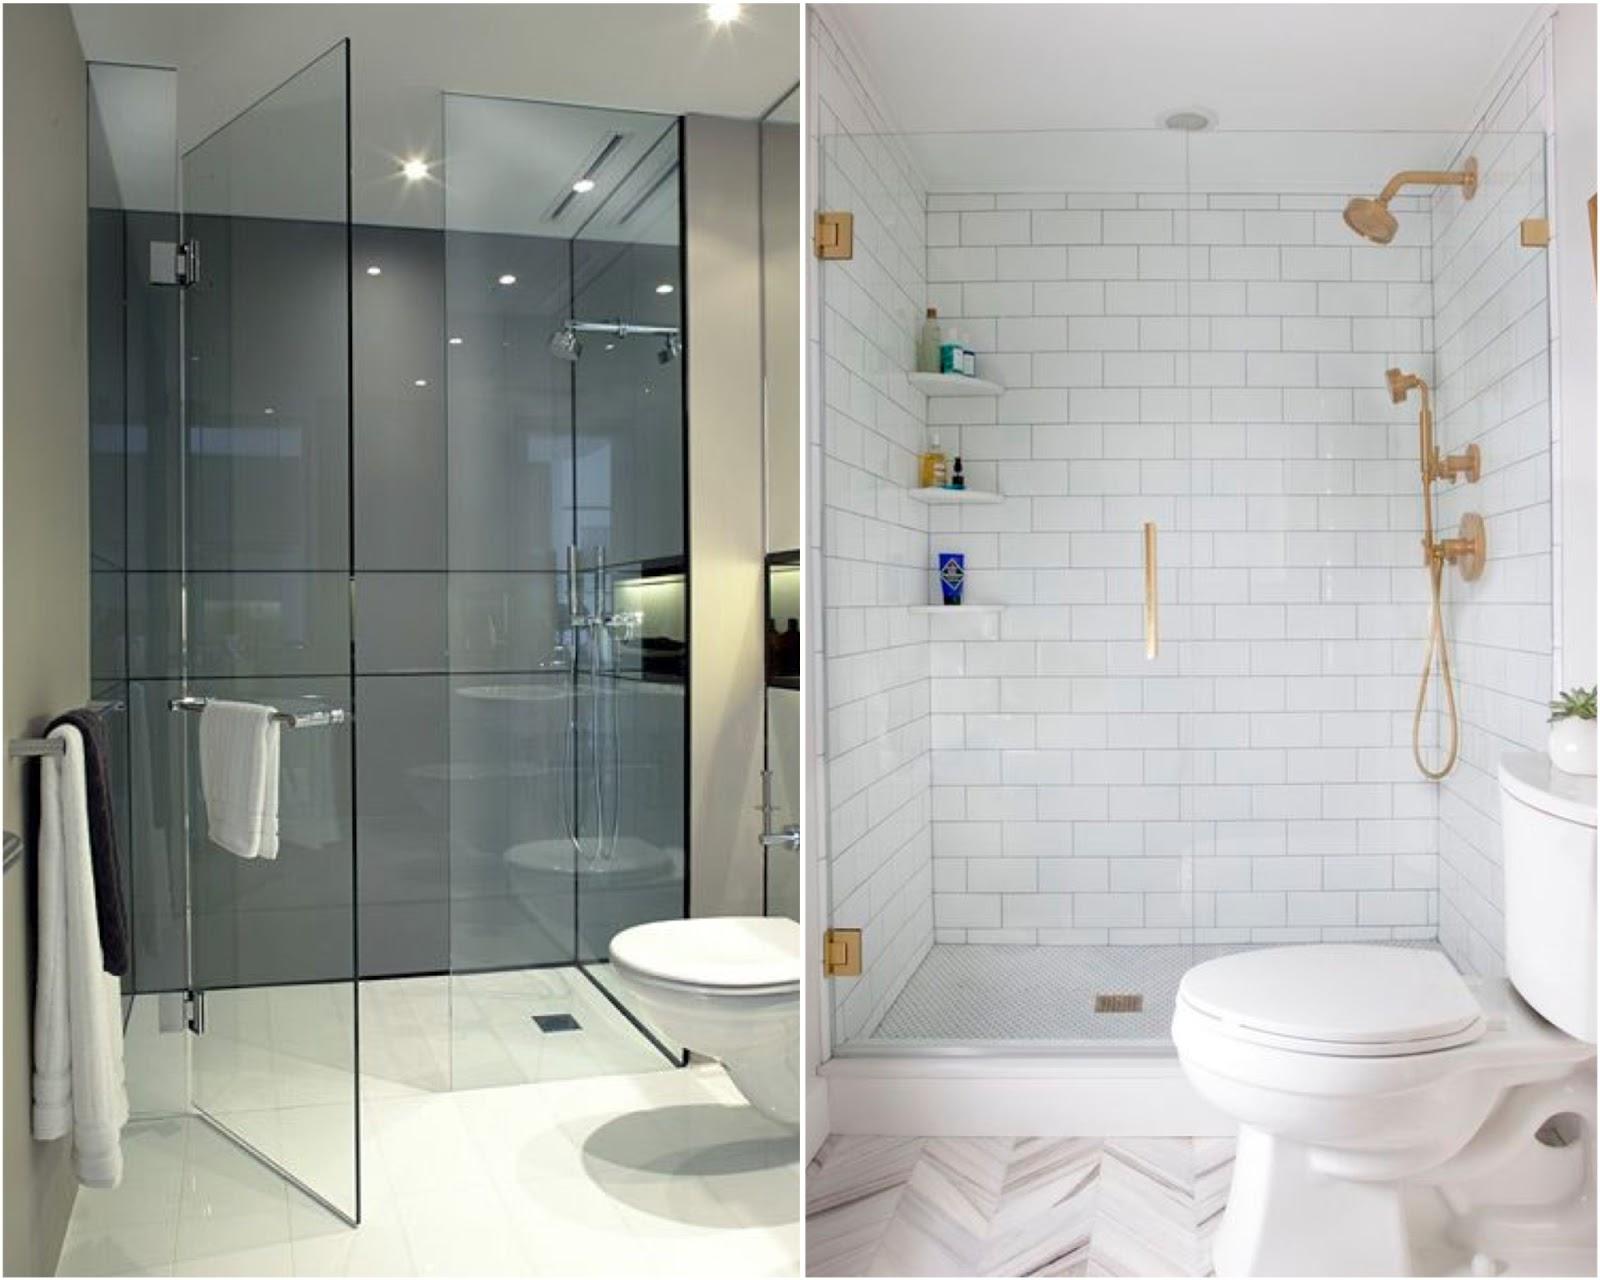 Tipos de ba os tips para ba os peque os es algo personal - Tipos de espejos para banos ...